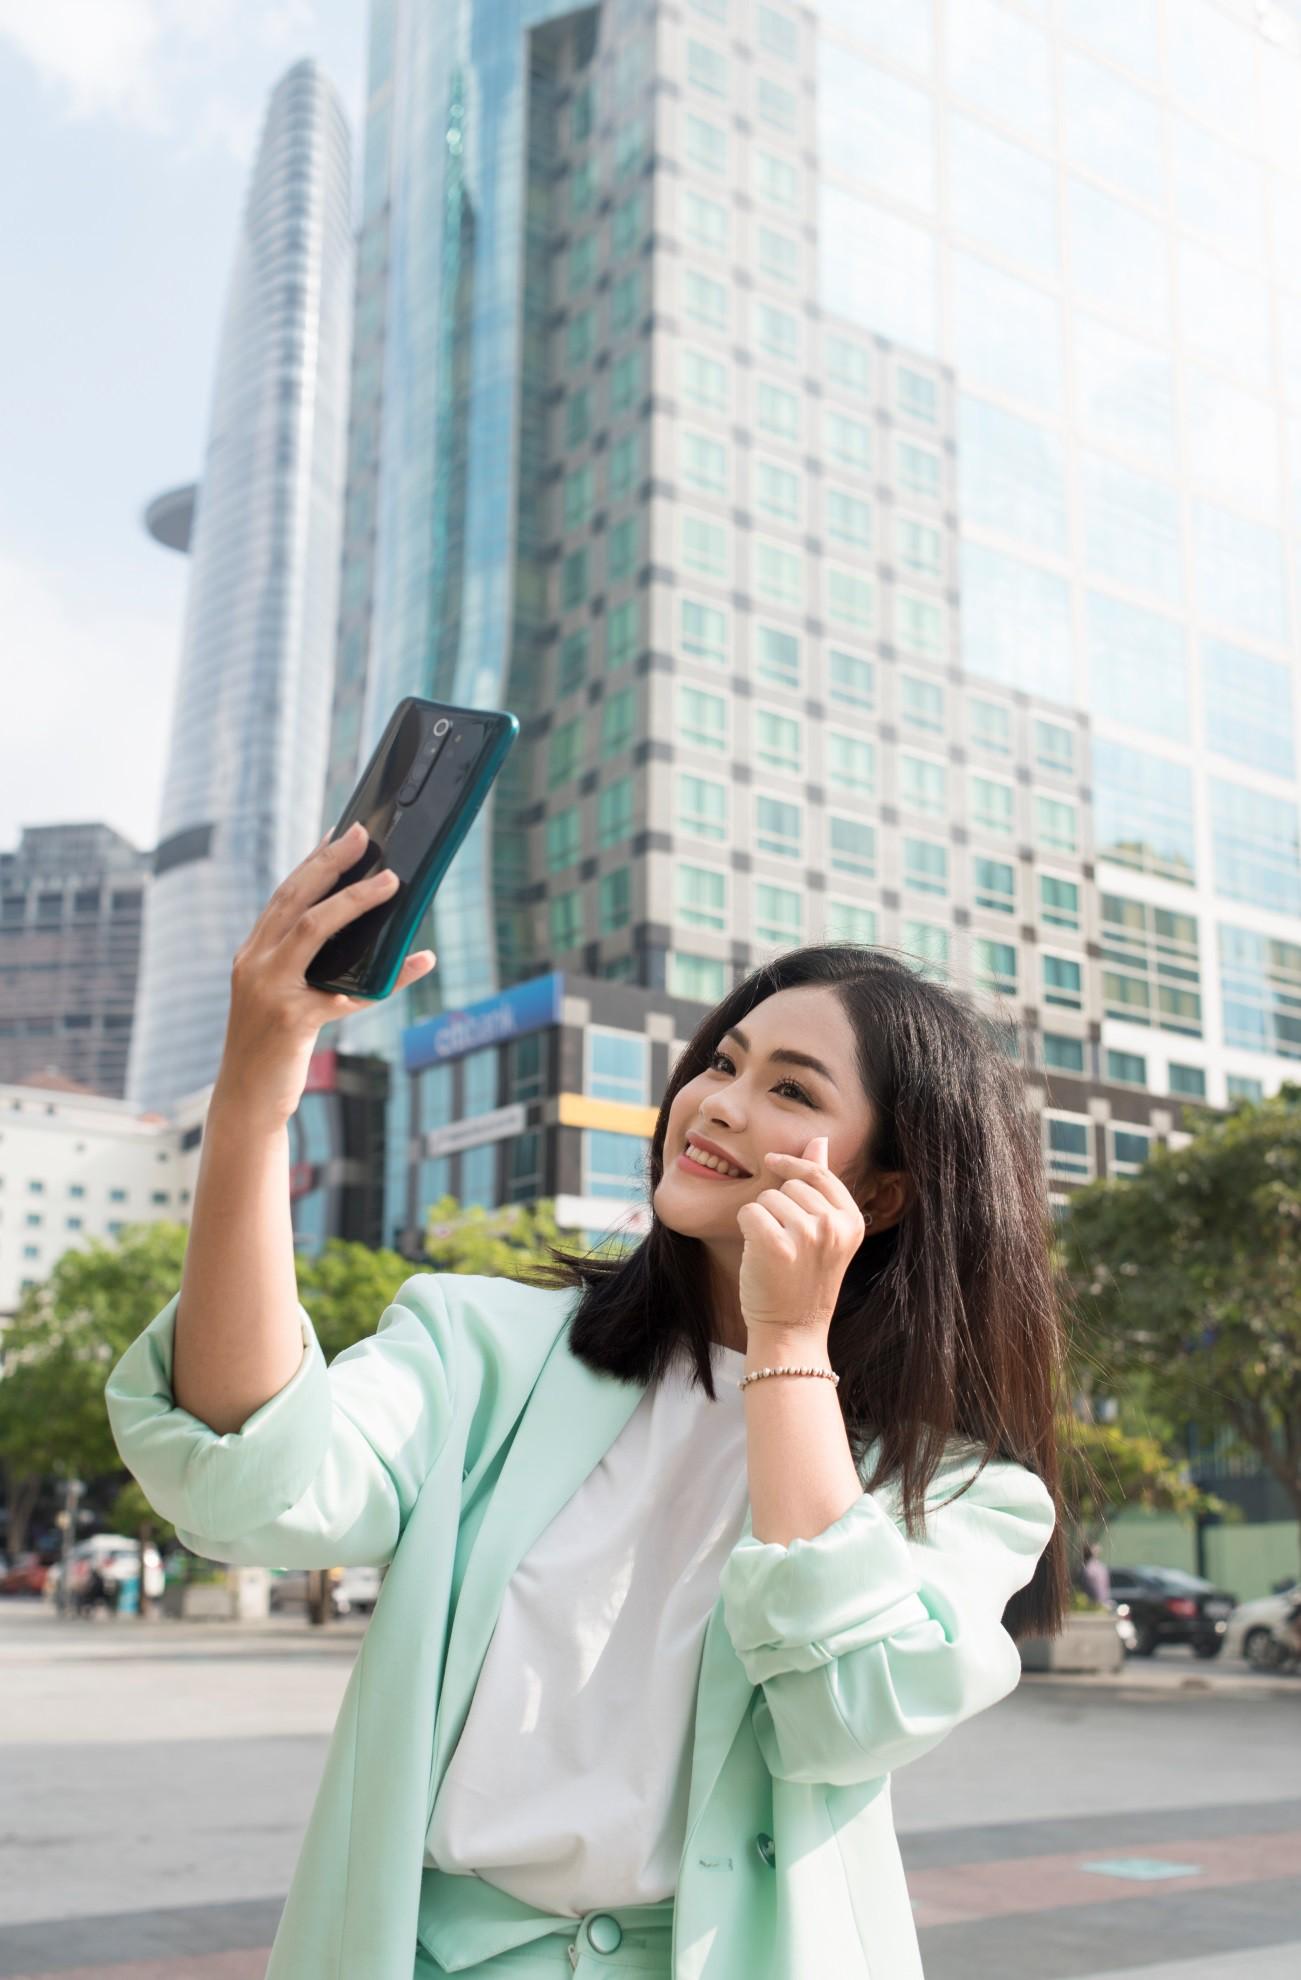 Ngắm bộ ảnh dễ thương của nữ sinh 18 tuổi mới được chọn làm gương mặt đồng hành cùng Xiaomi - Ảnh 5.